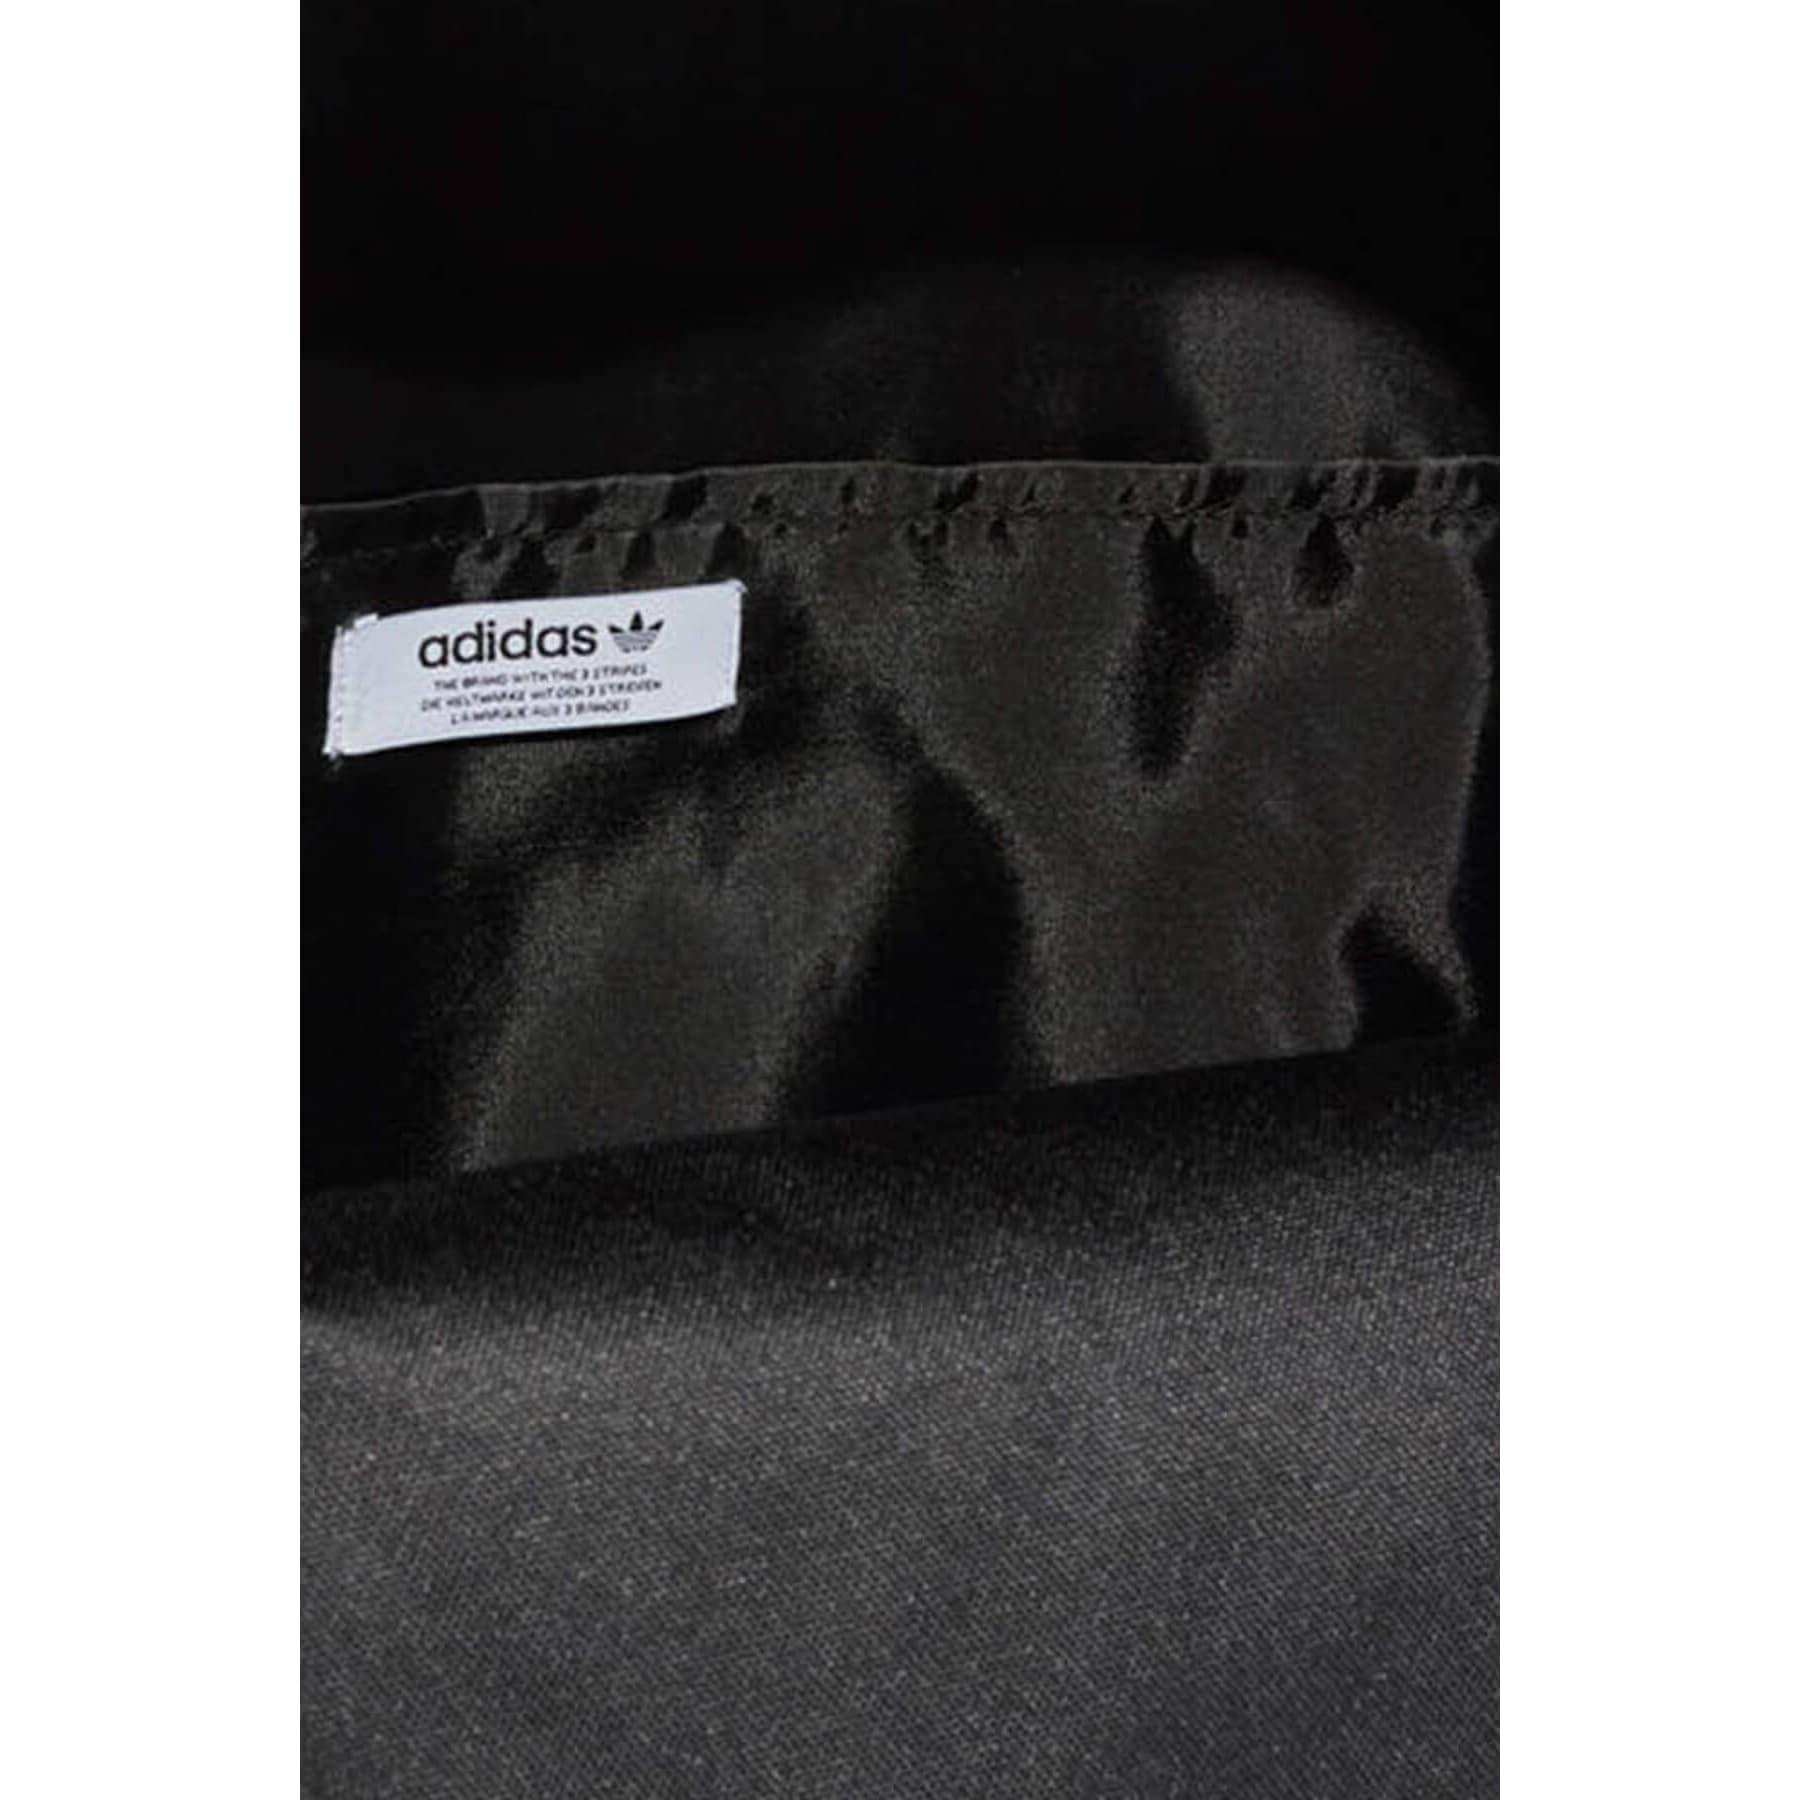 Classic Trefoil Siyah Unisex Sırt Çantası